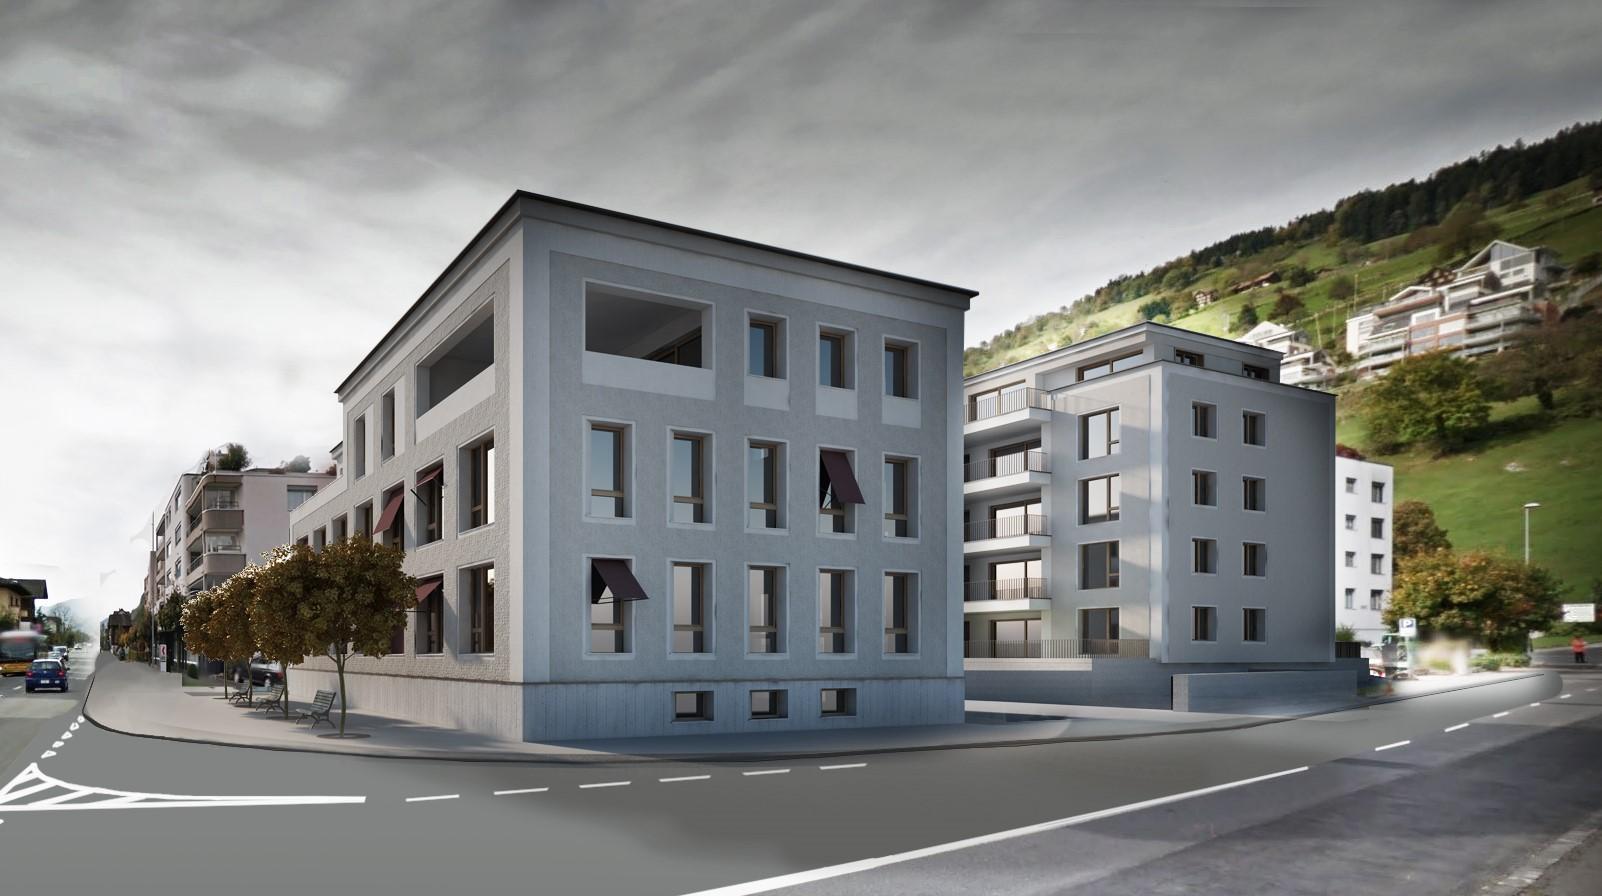 Wohn- und Geschäftshaus Kreuzmatte, Ennetbürgen NW